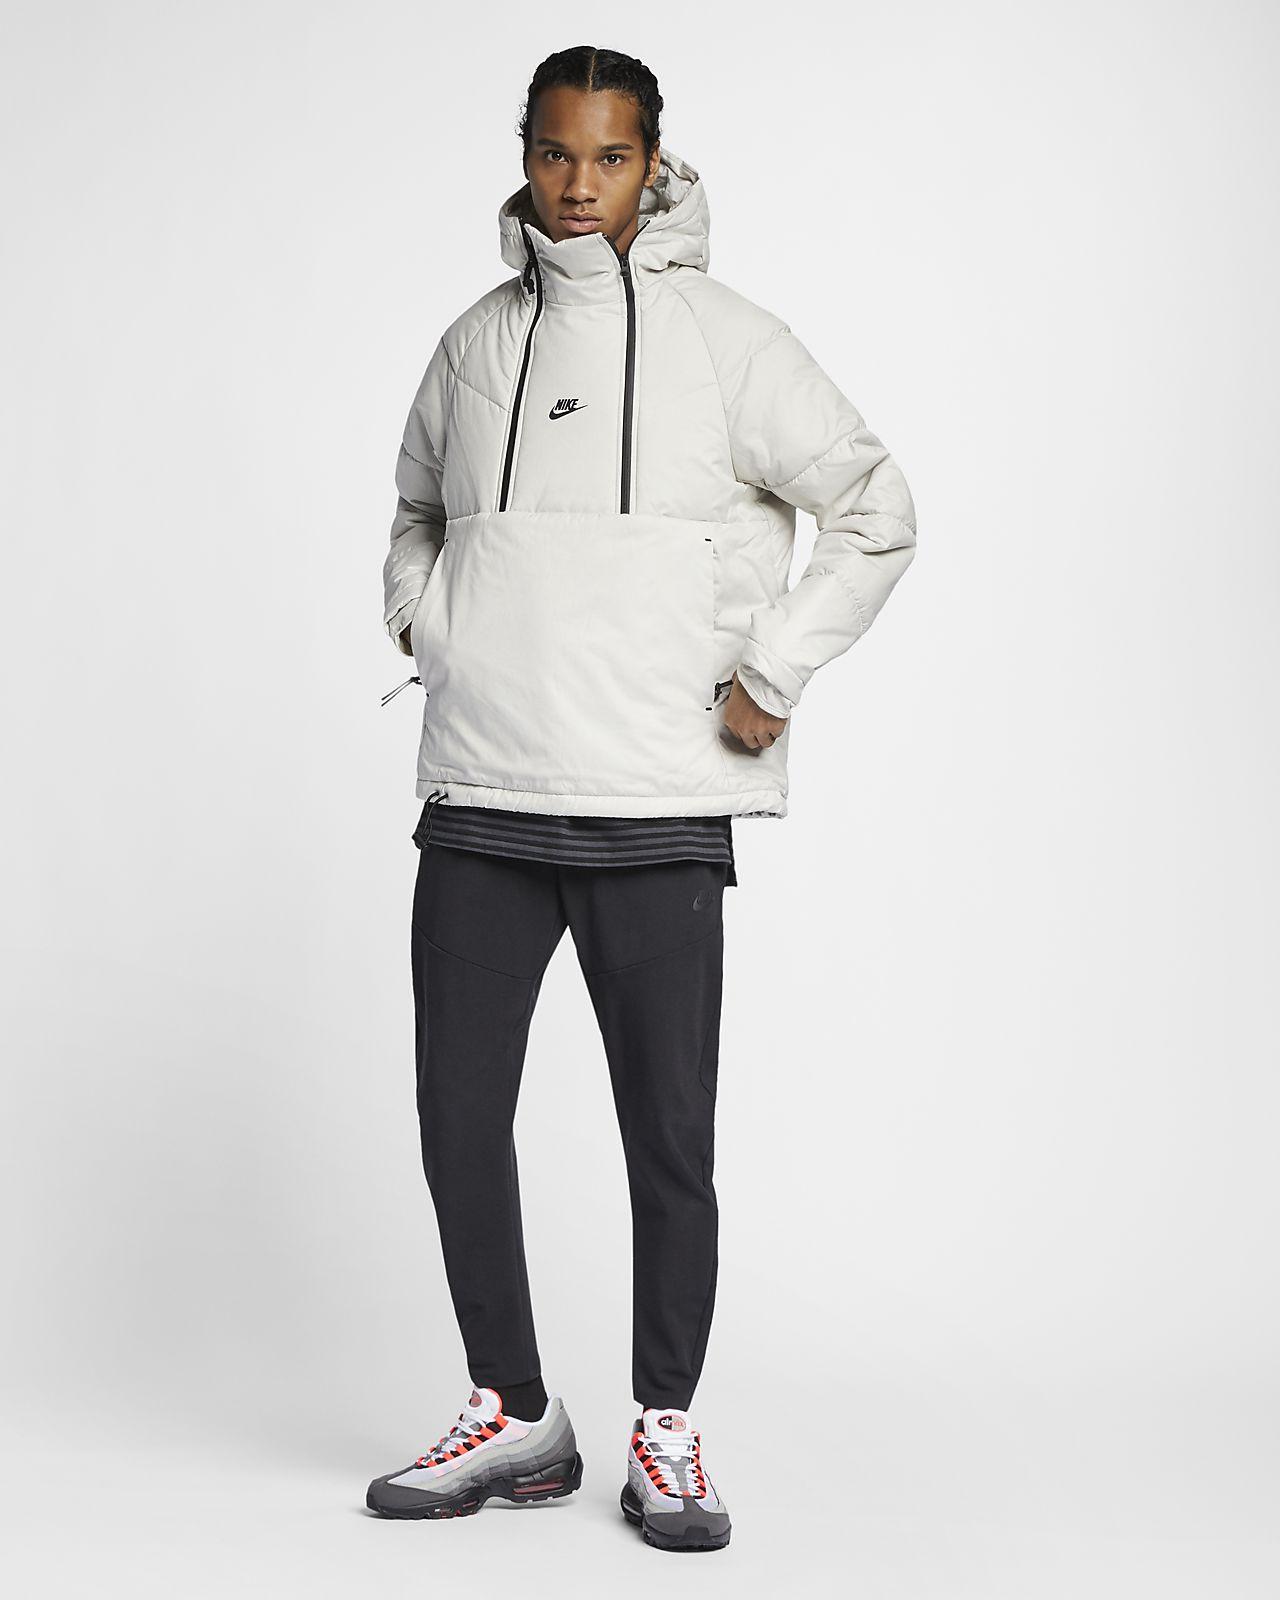 0d4de1e8fa57 Nike Sportswear Tech Pack Men s Synthetic Fill Jacket. Nike.com BE